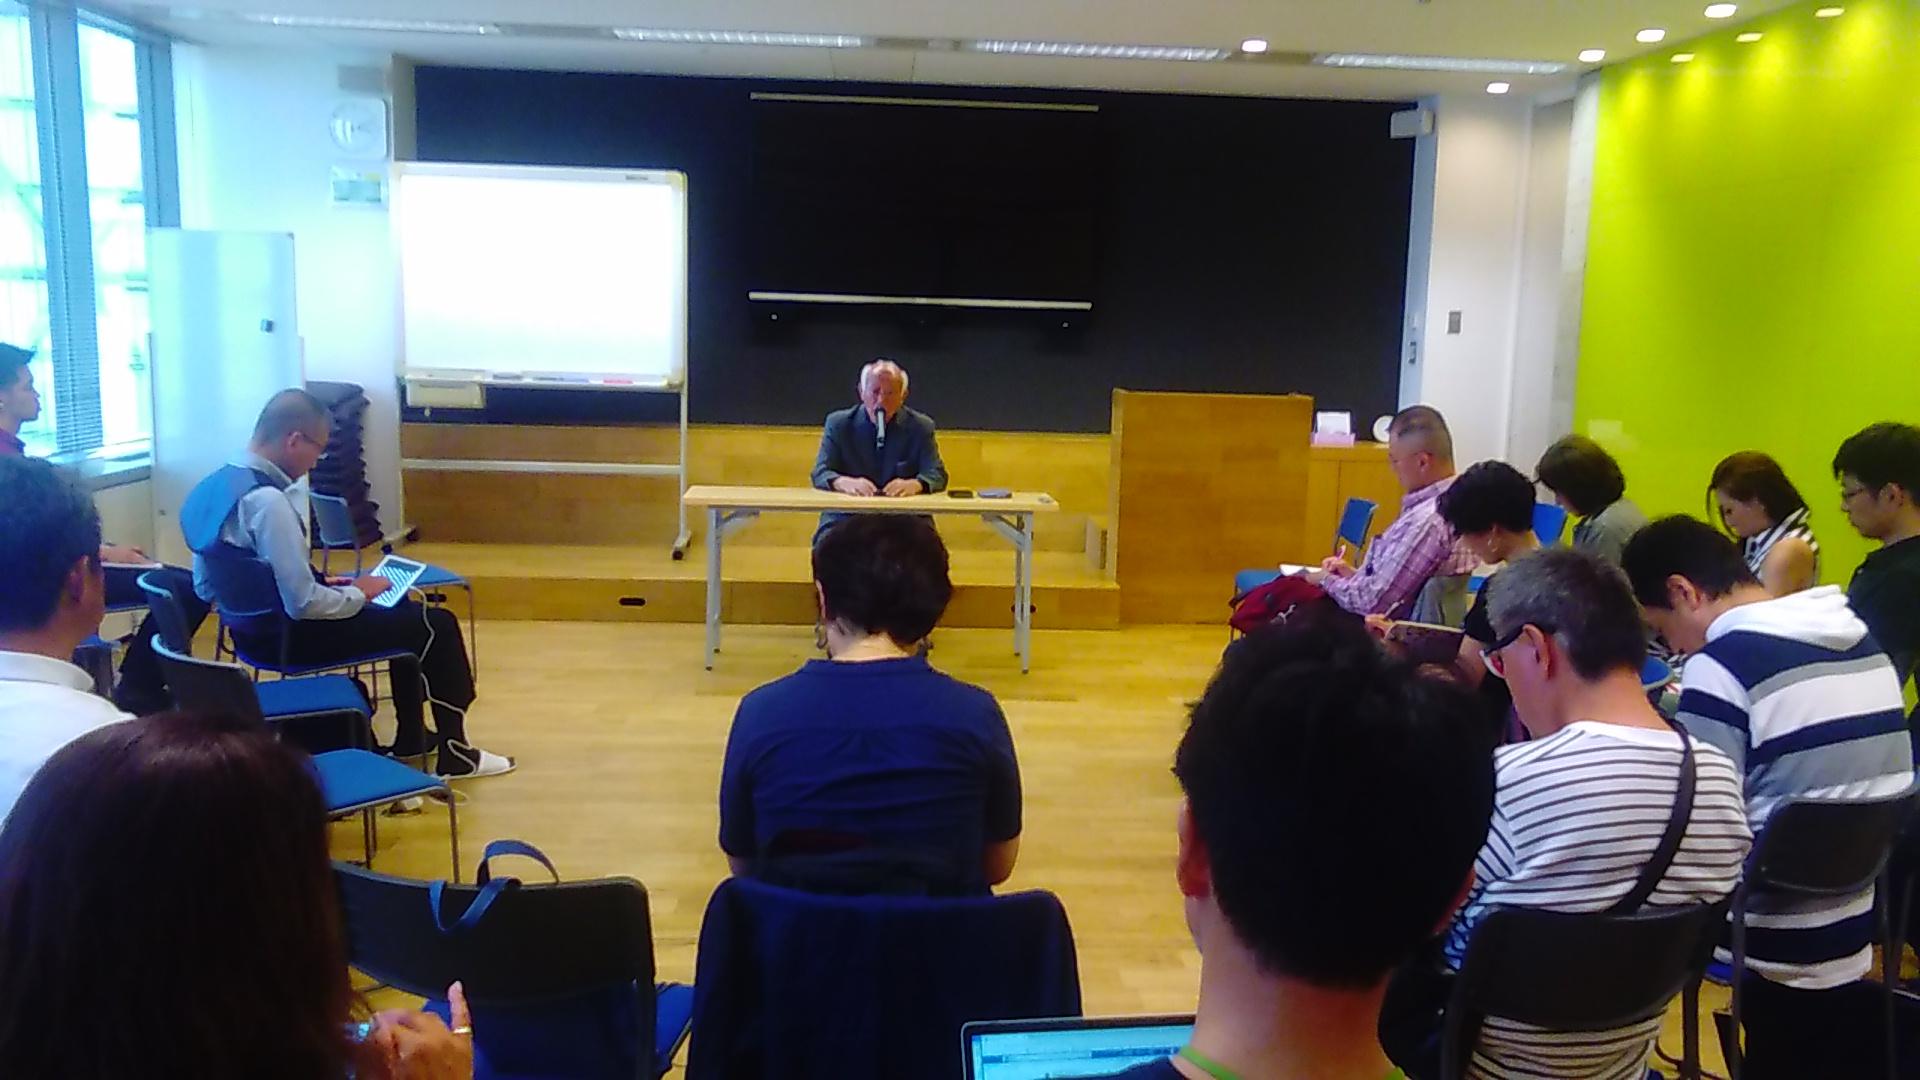 KIMG1362 1 - 第3回東京思風塾「本物の人間になるための問い」をテーマに開催しました。